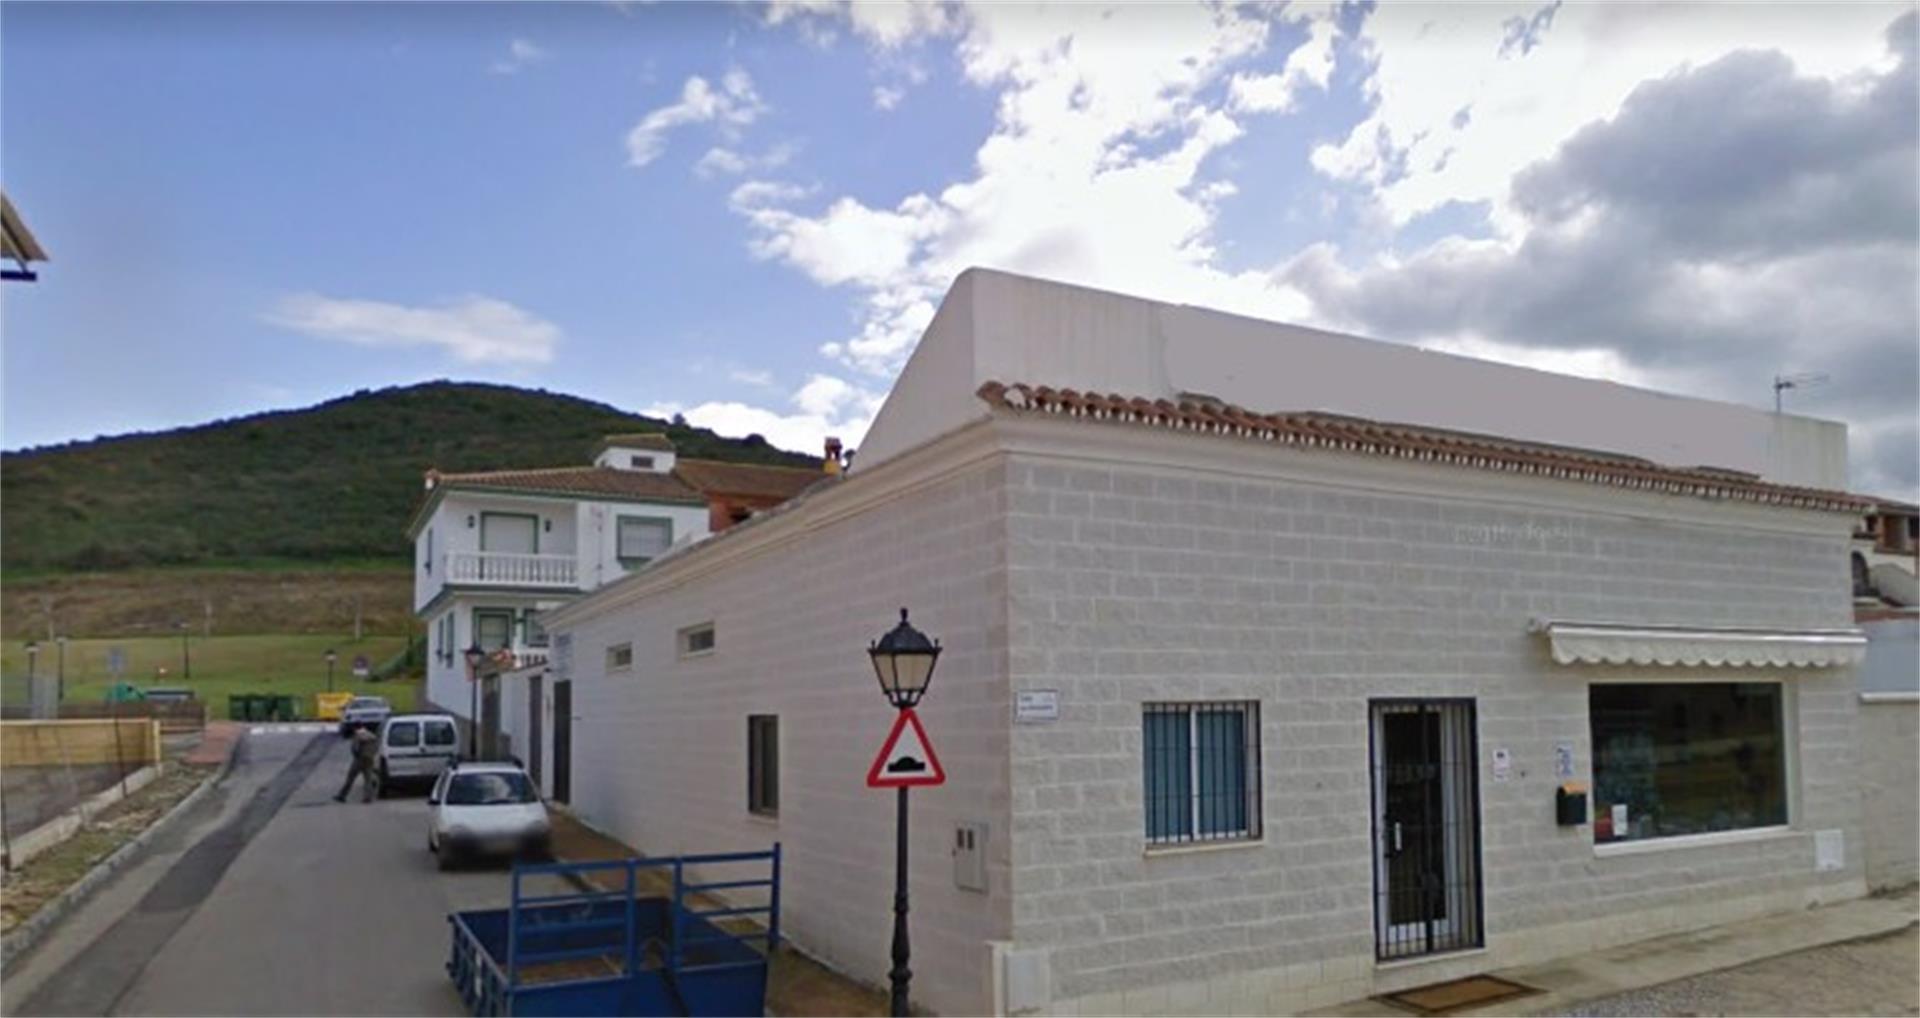 Local de alquiler en Calle Los Almendros, 1 Casares pueblo (Casares, Málaga)